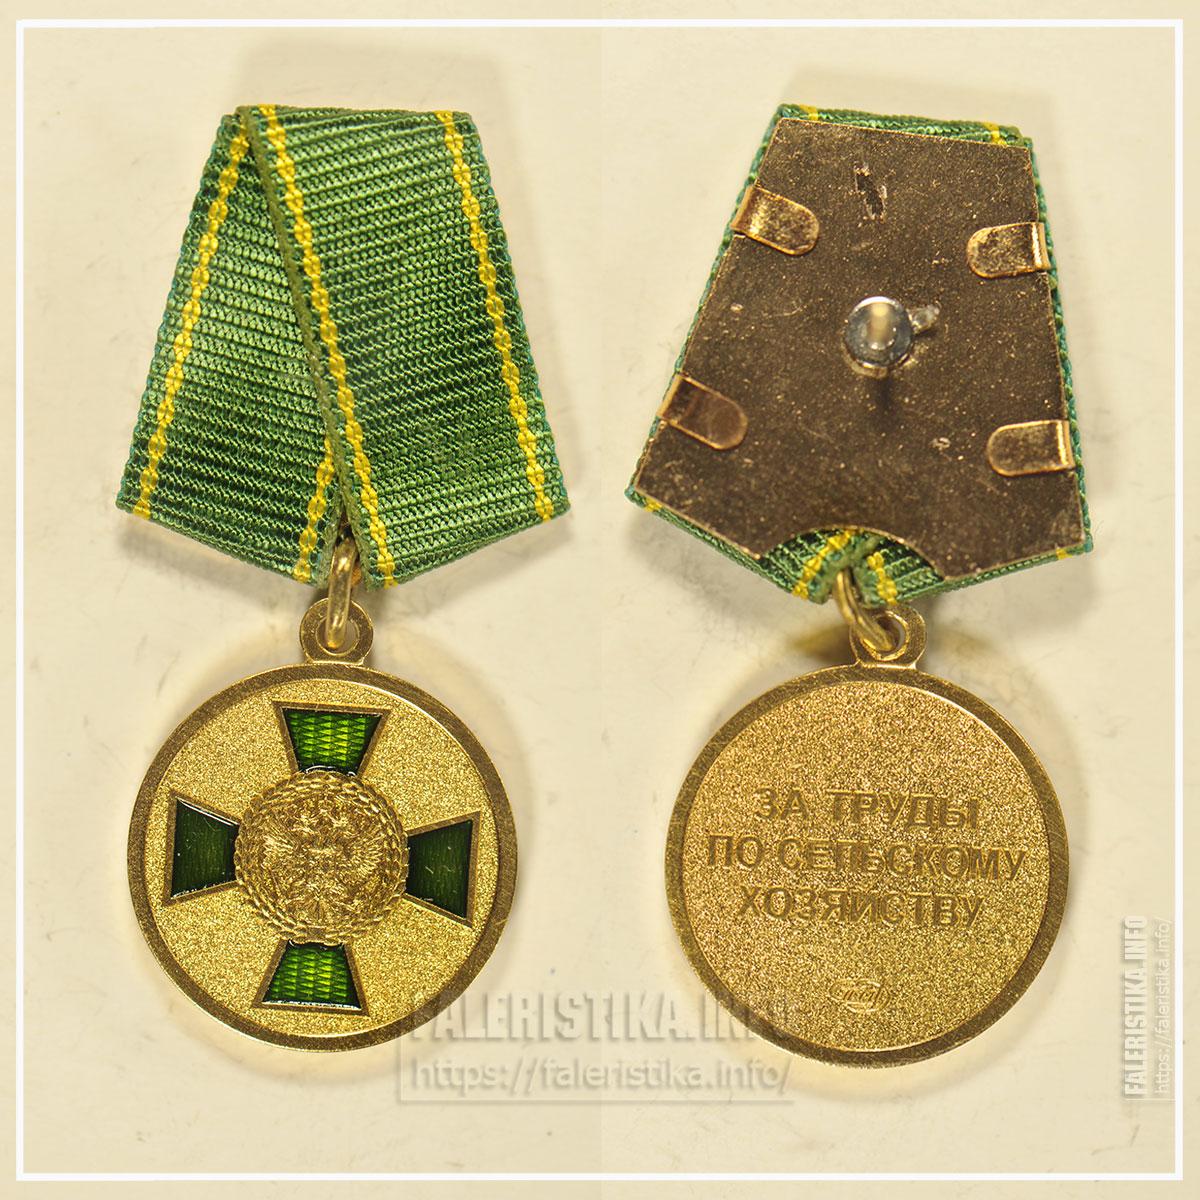 Медаль «За труды по сельскому хозяйству». Миниатюрная копия знака (фрачник). Санкт-Петербургский монетный двор